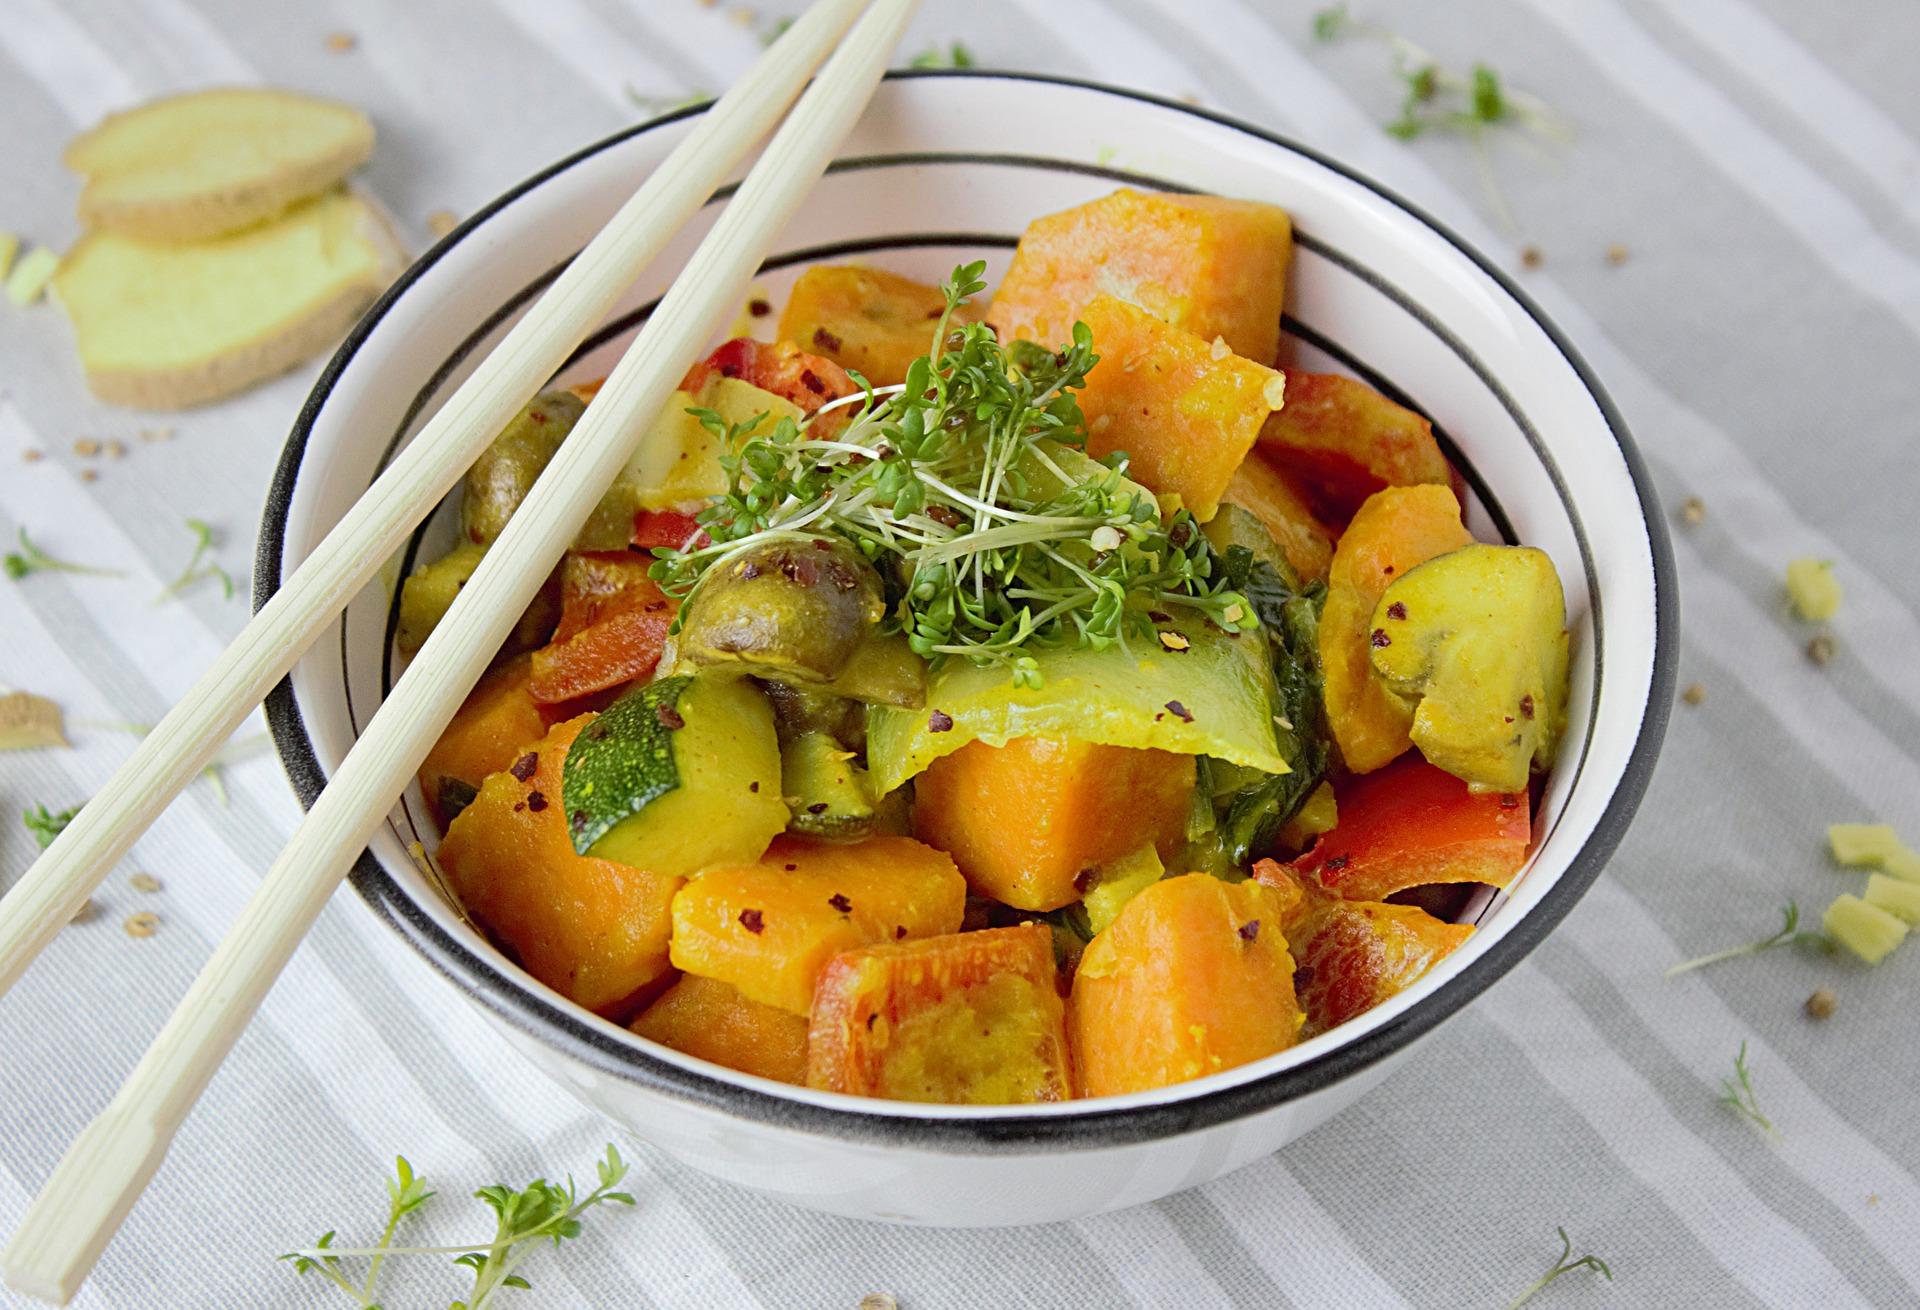 groentecurry met bloemkool